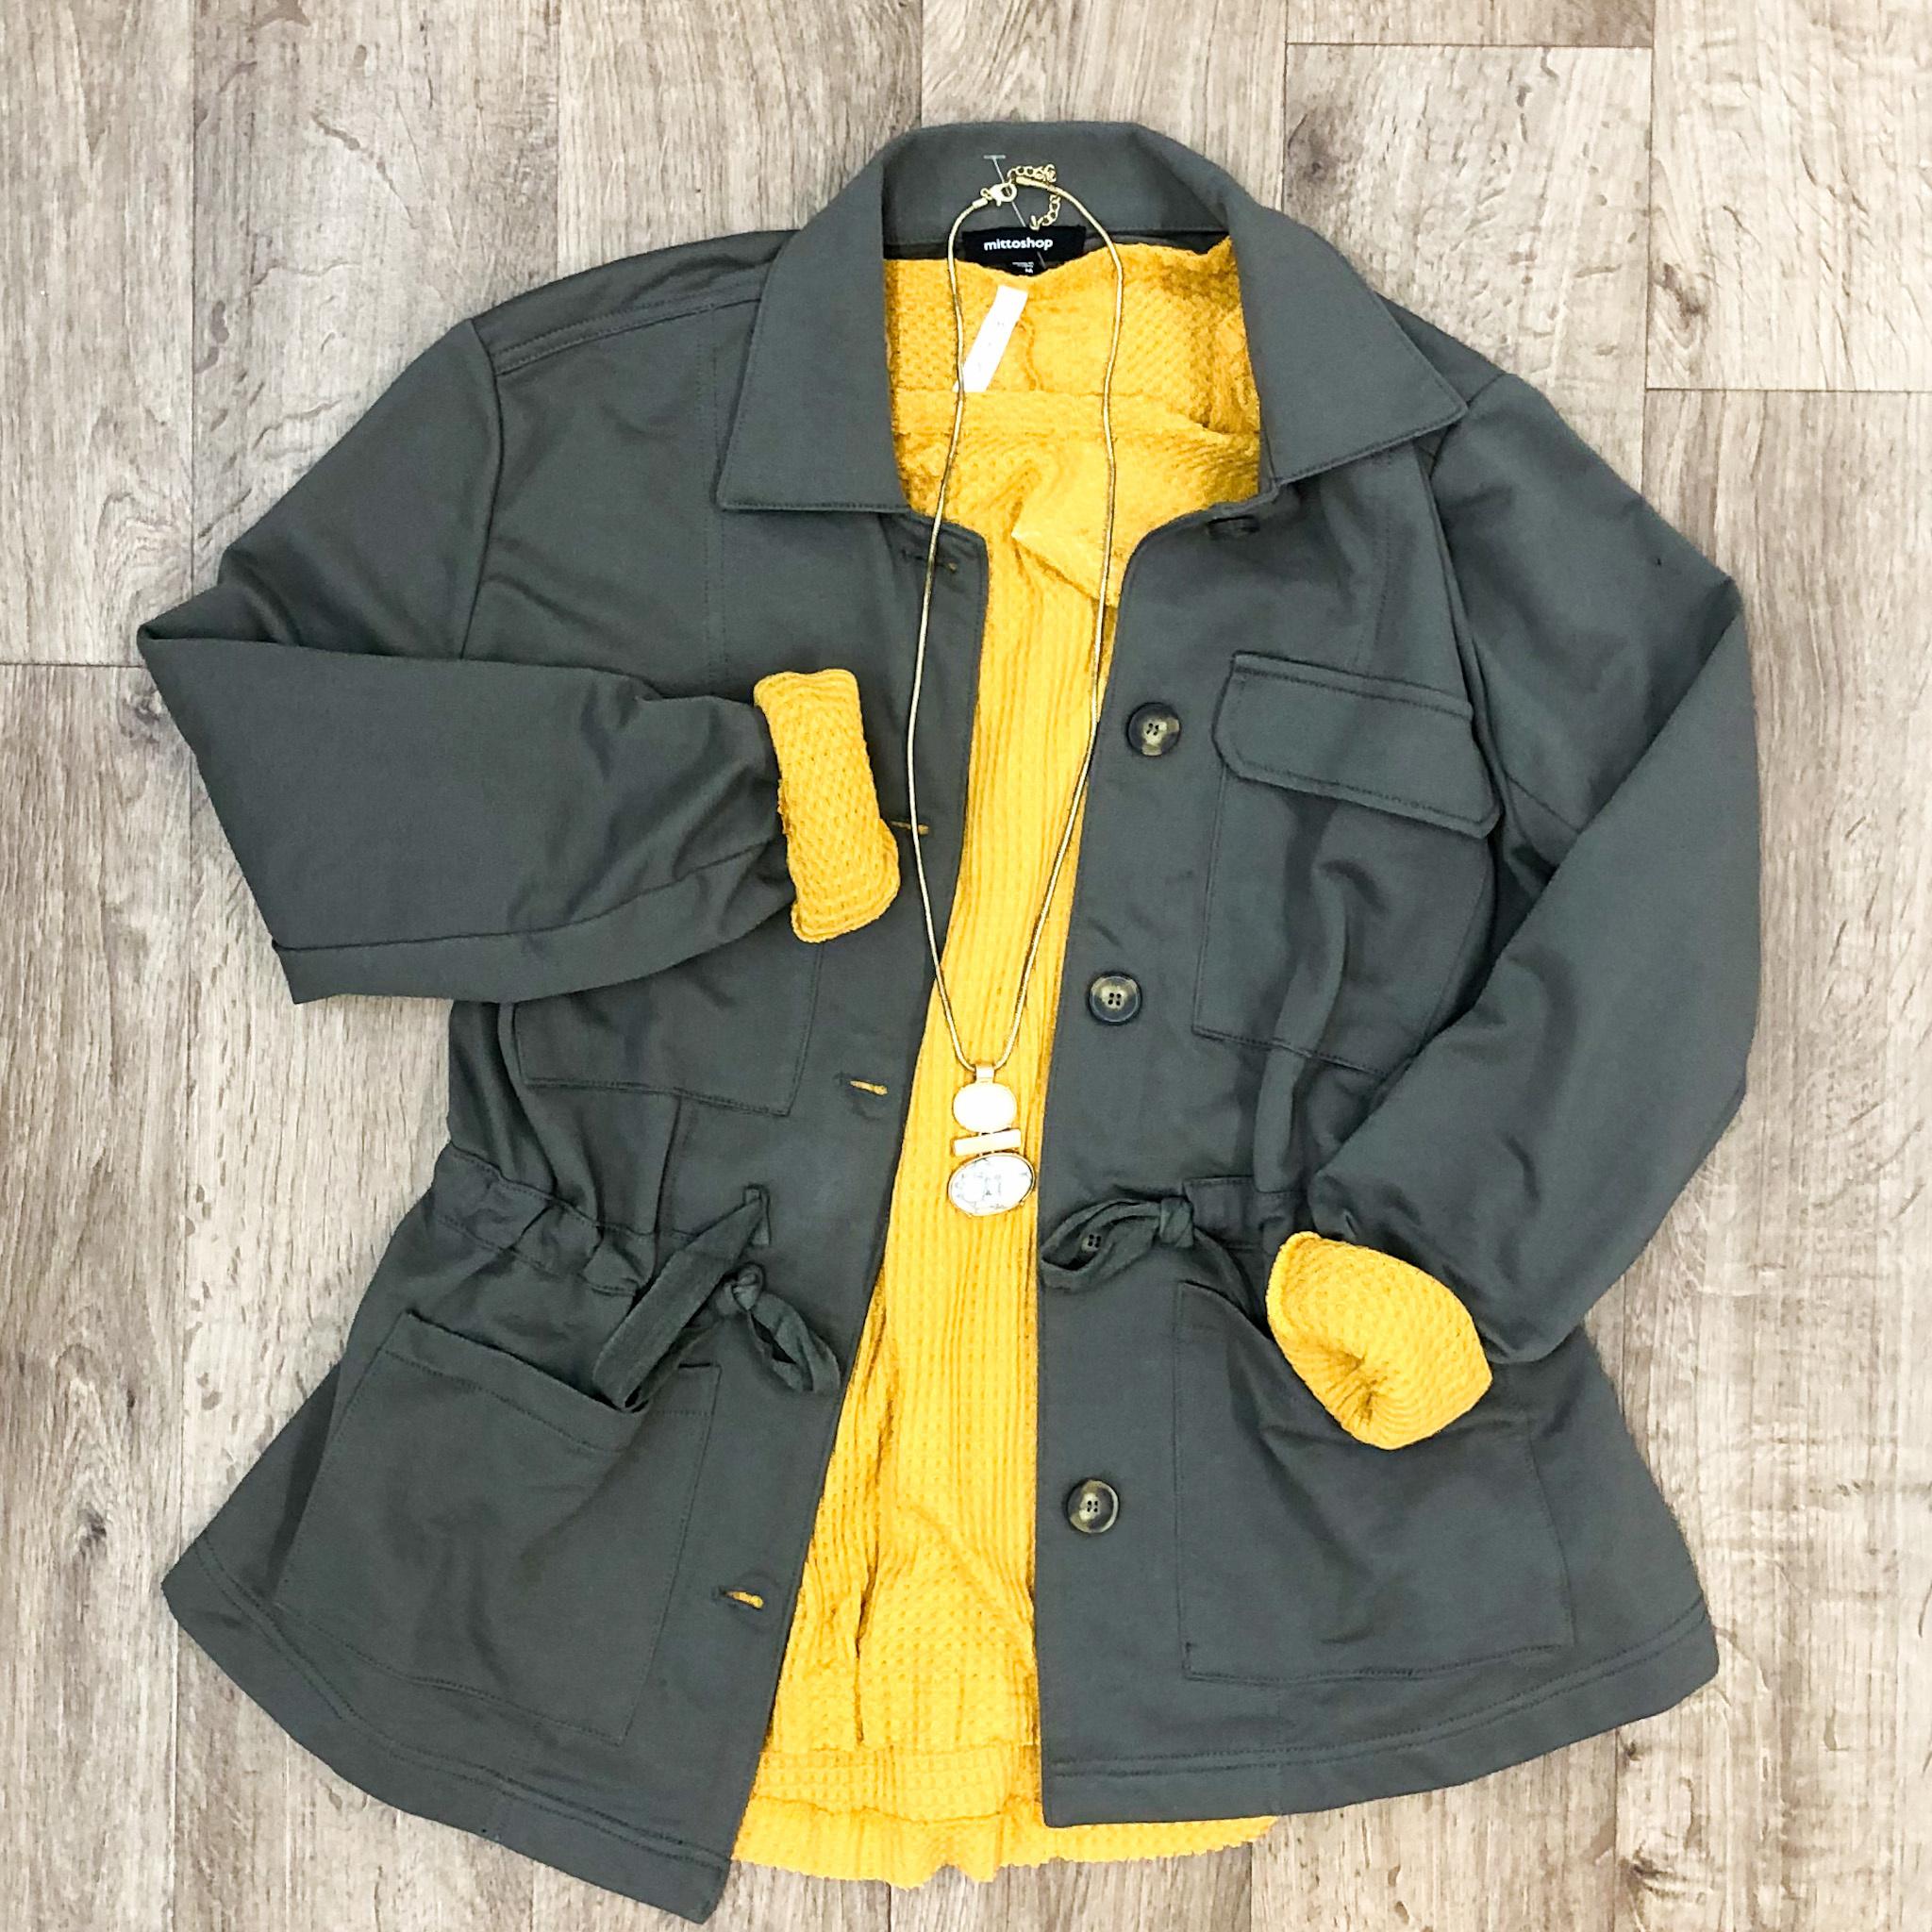 Olive It Utility Jacket